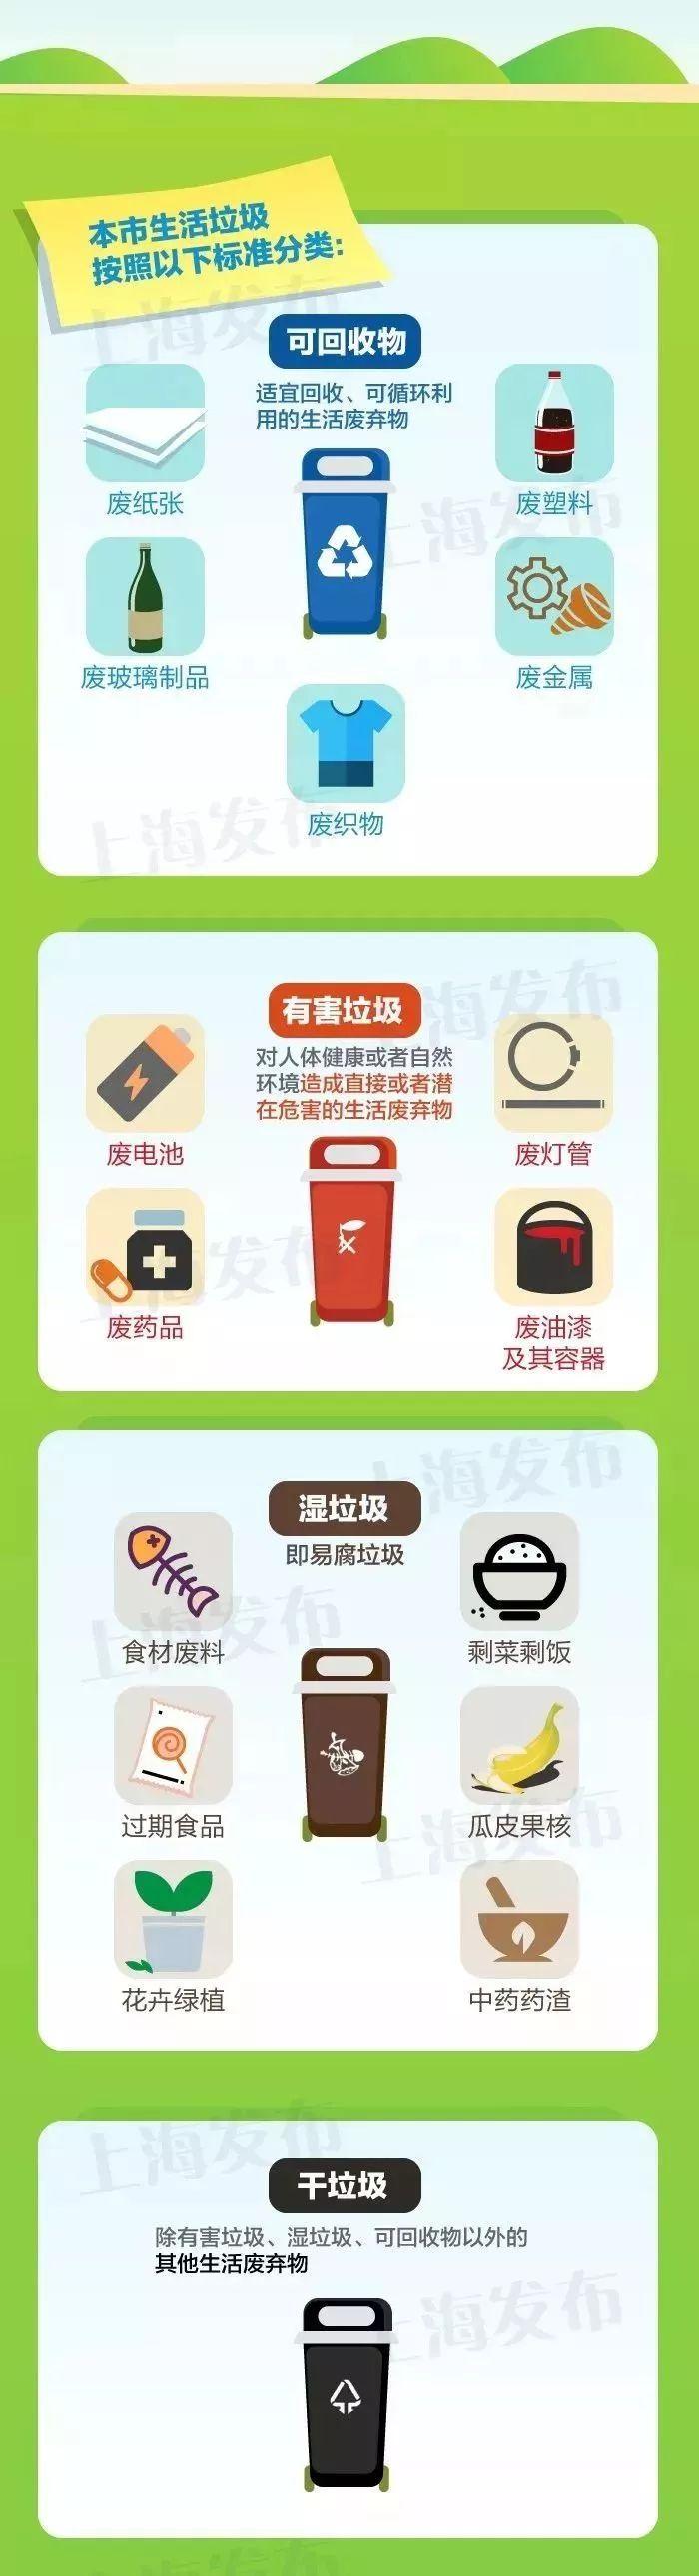 2019上海市生活垃圾根据以下标准分类!